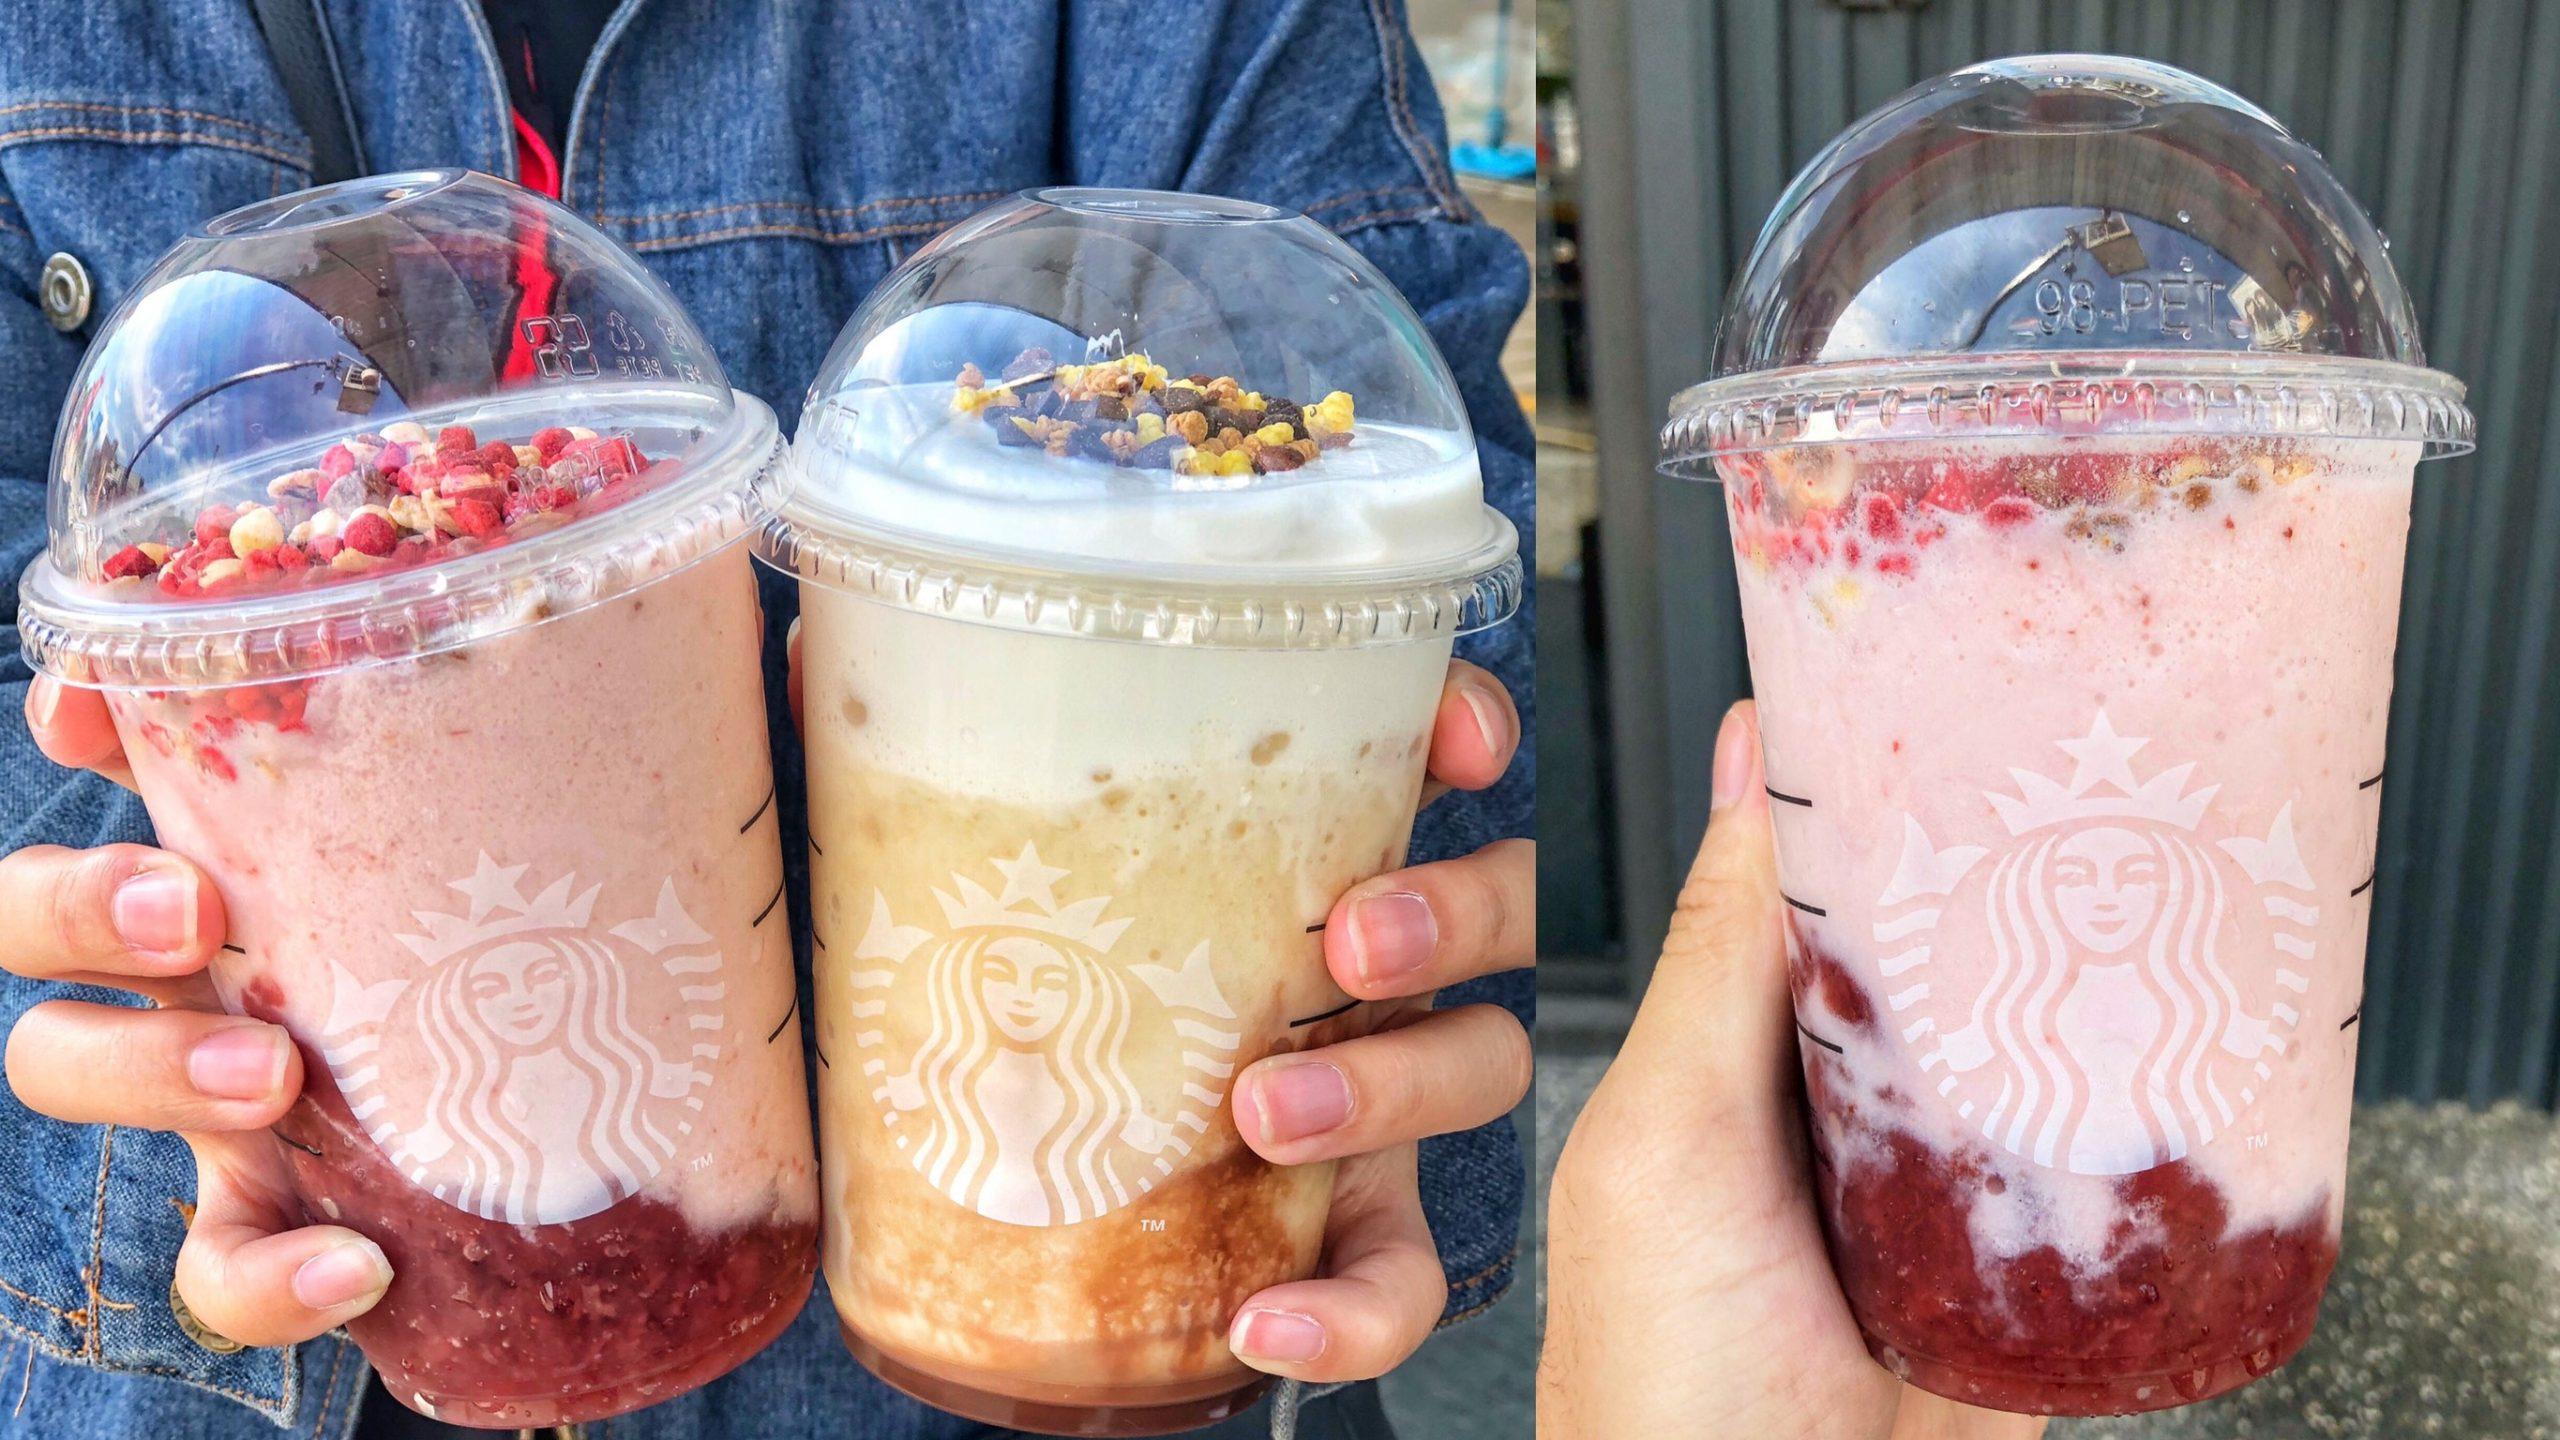 星巴克新推出夢幻新品「草莓脆片優格星冰樂、鹹焦糖冷萃咖啡」父親節88折|外送第二杯半價|內文附星巴克菜單